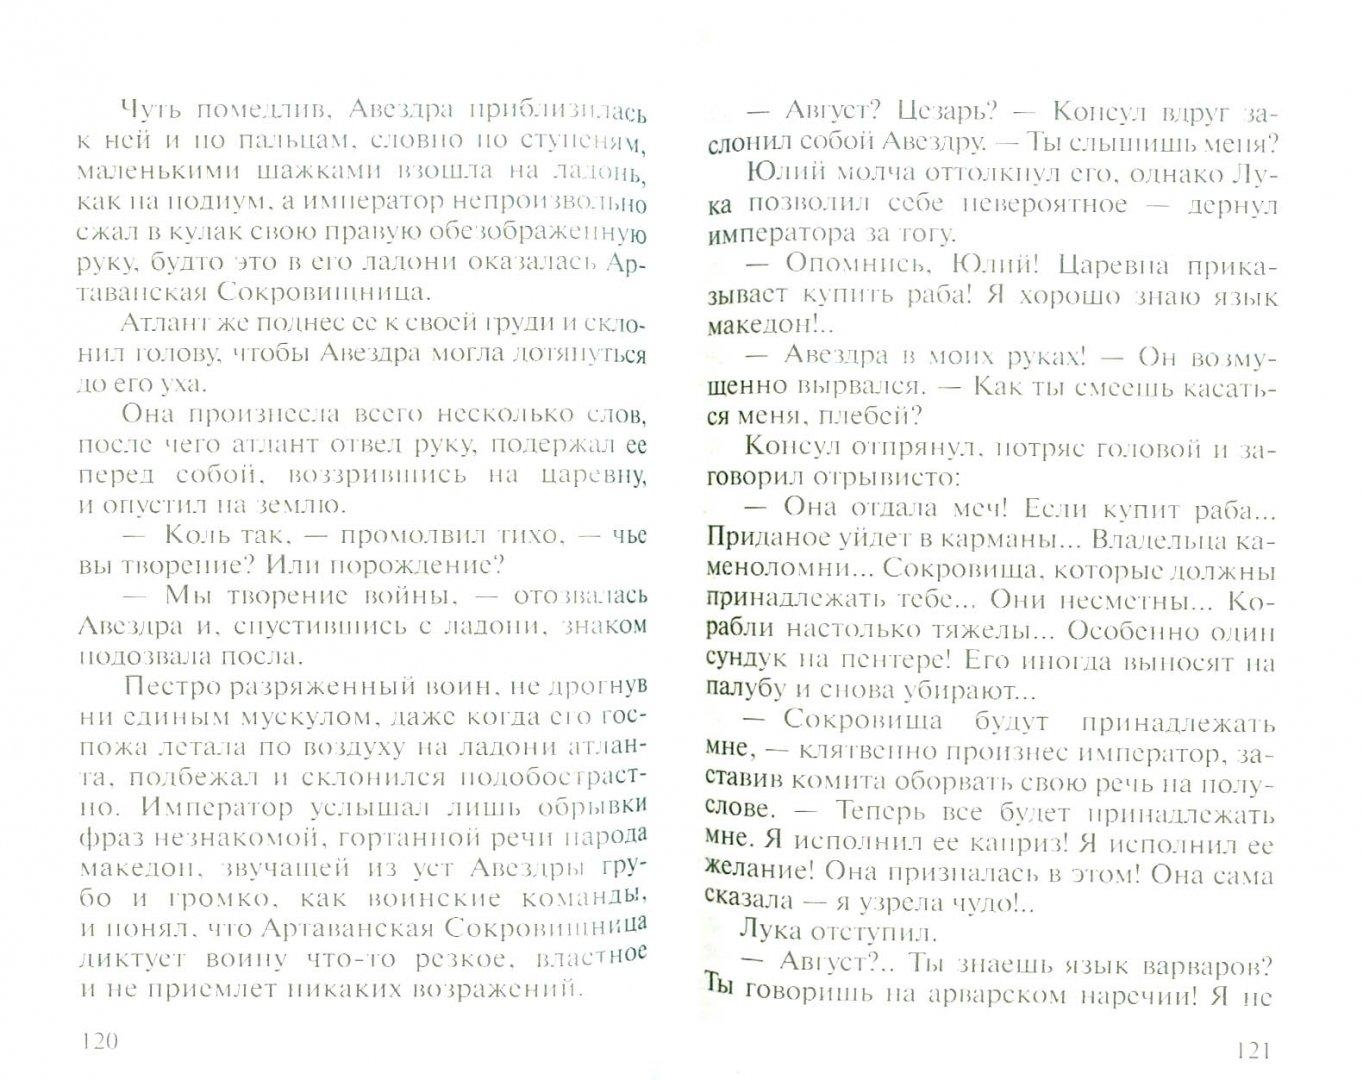 Иллюстрация 1 из 5 для Арвары. Магический кристалл - Сергей Алексеев   Лабиринт - книги. Источник: Лабиринт